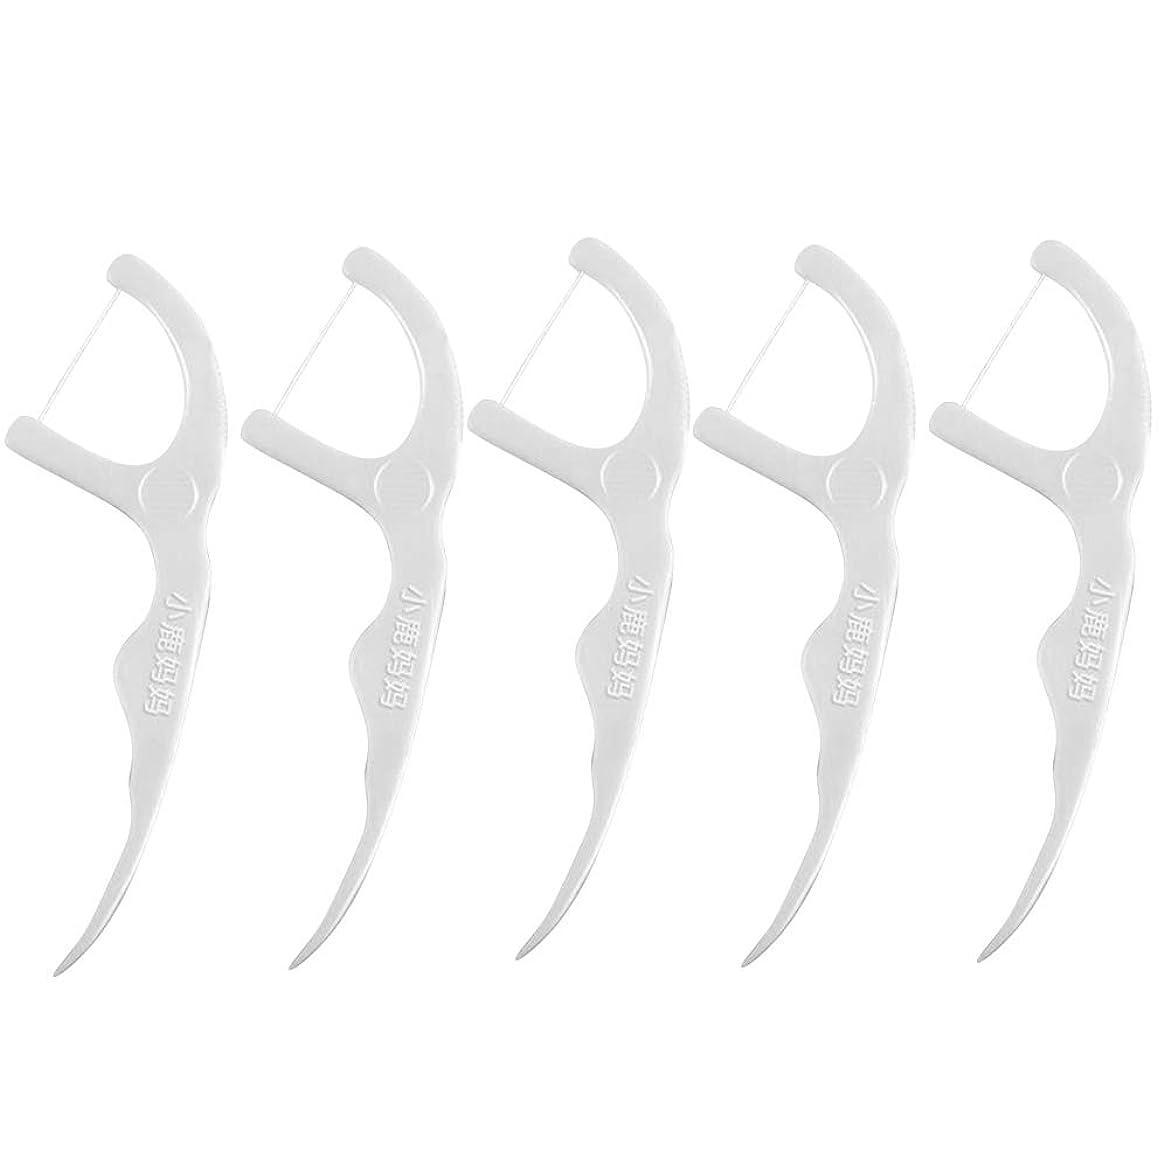 上下するスタイル思われるHealifty つまようじフロススティックポータブル歯のクリーニングツールセット50個